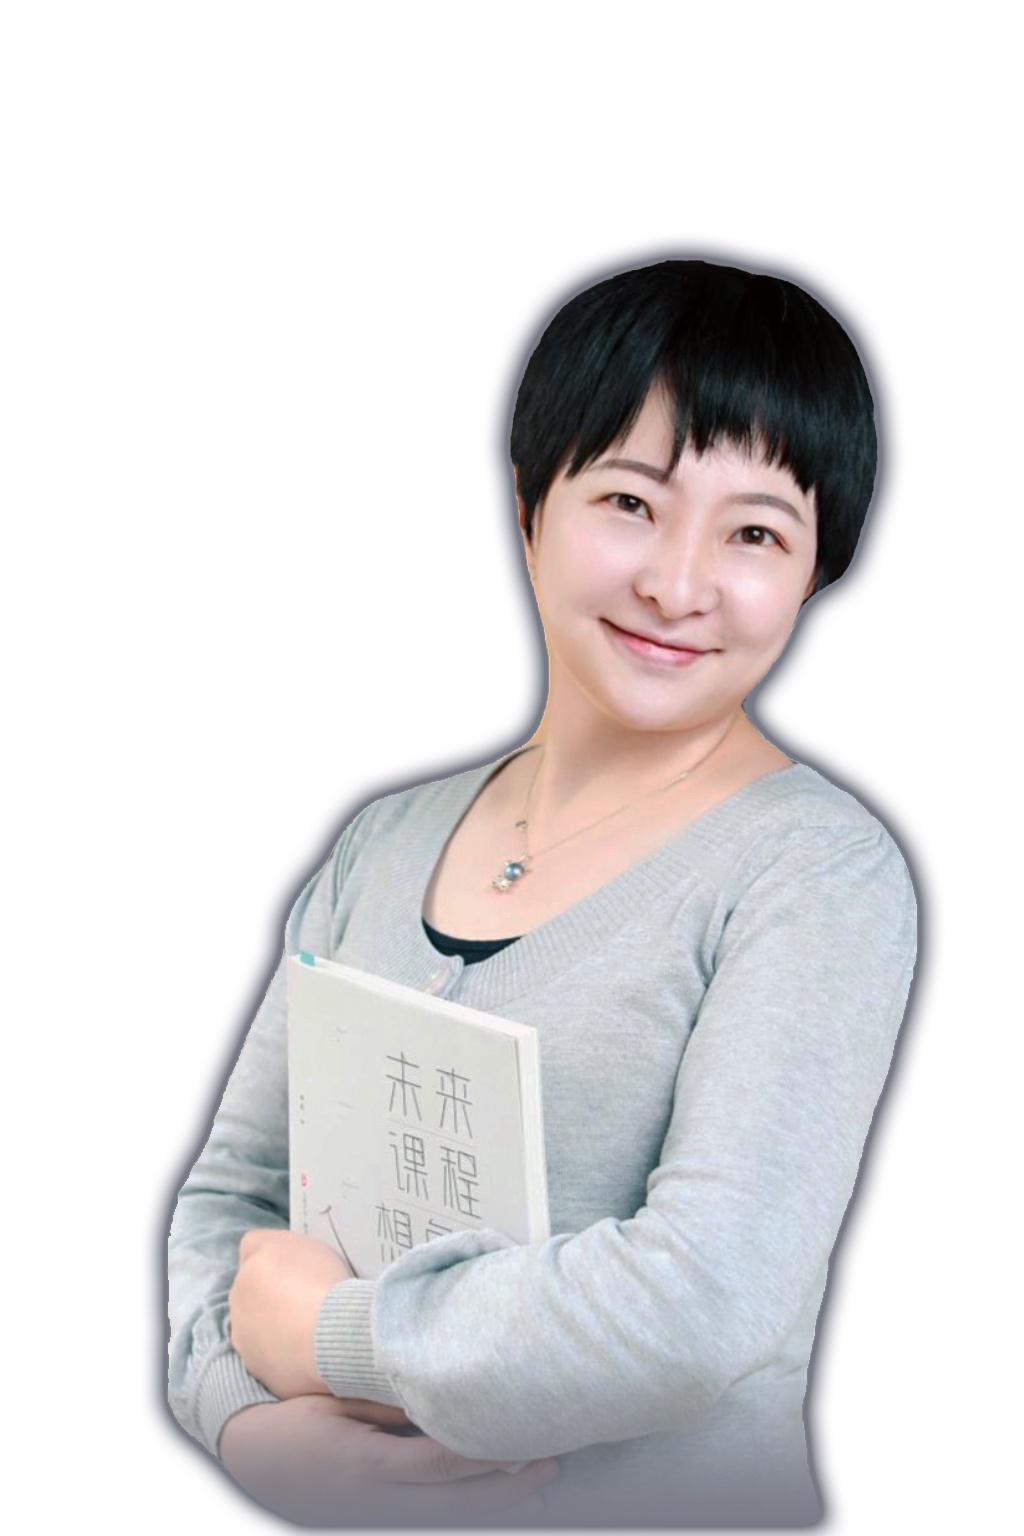 徐莉 知名課程設計師